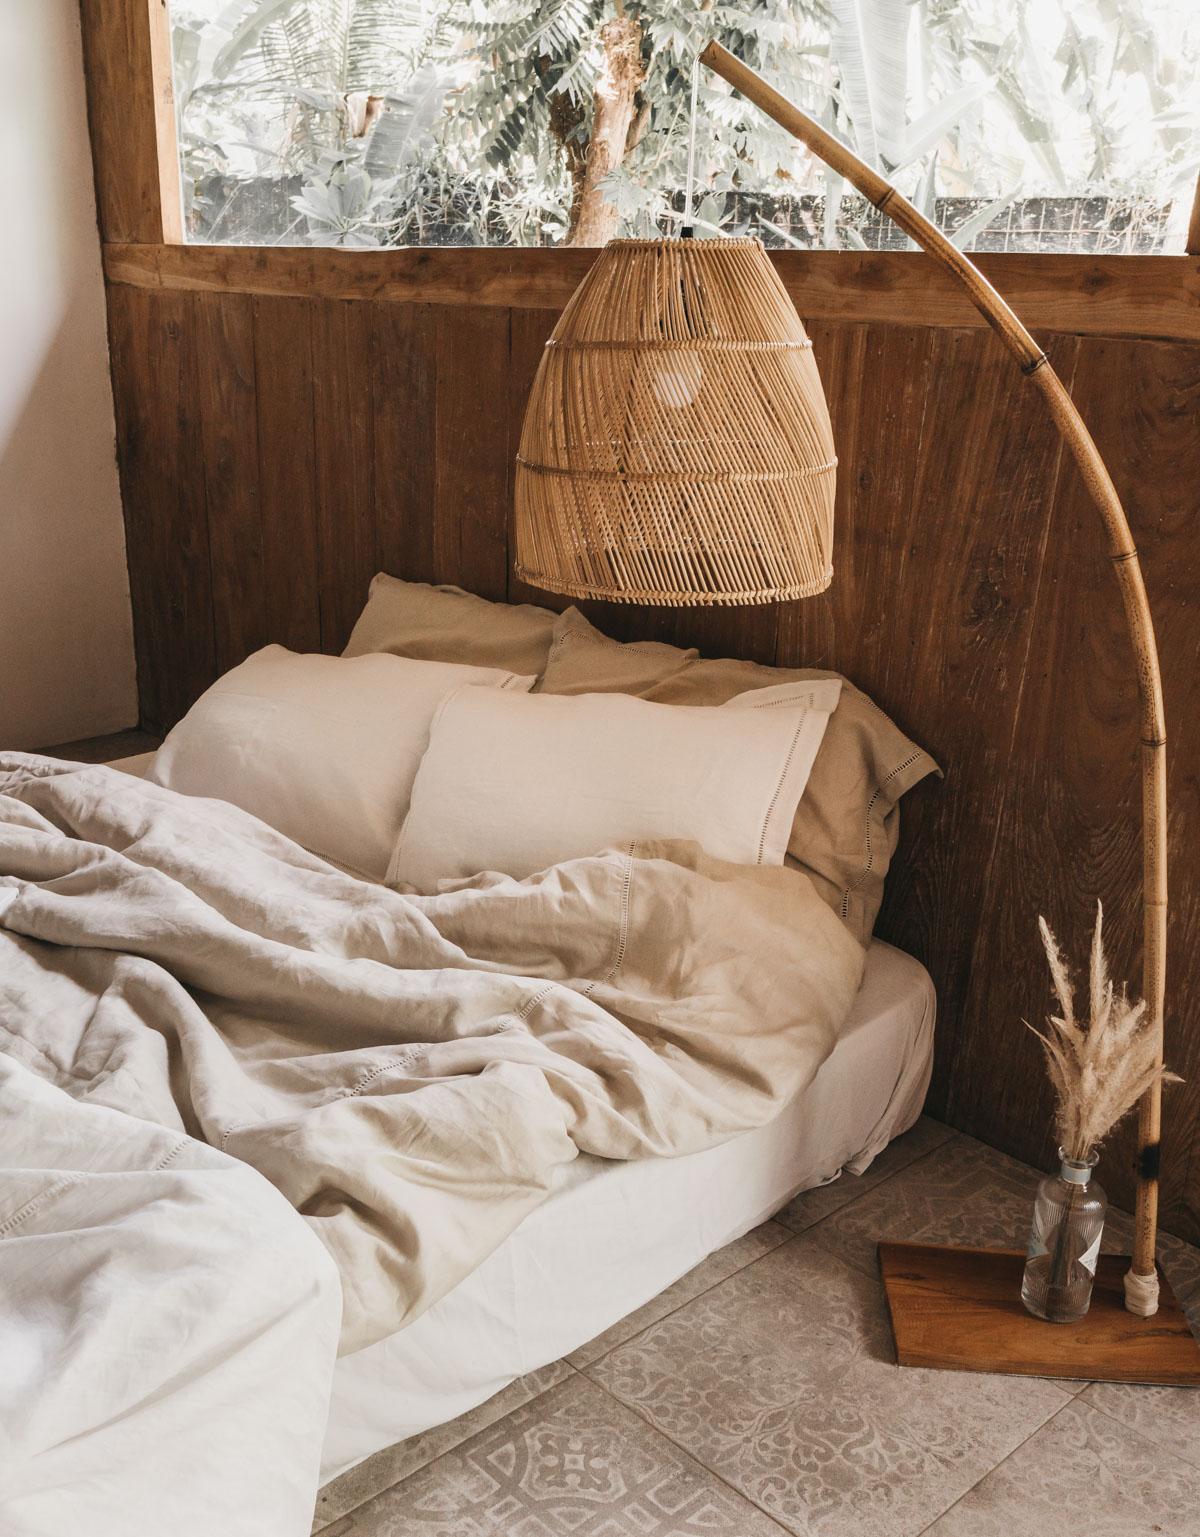 Keira-Mason-in-between-the-sheets-natural-bedding.jpg